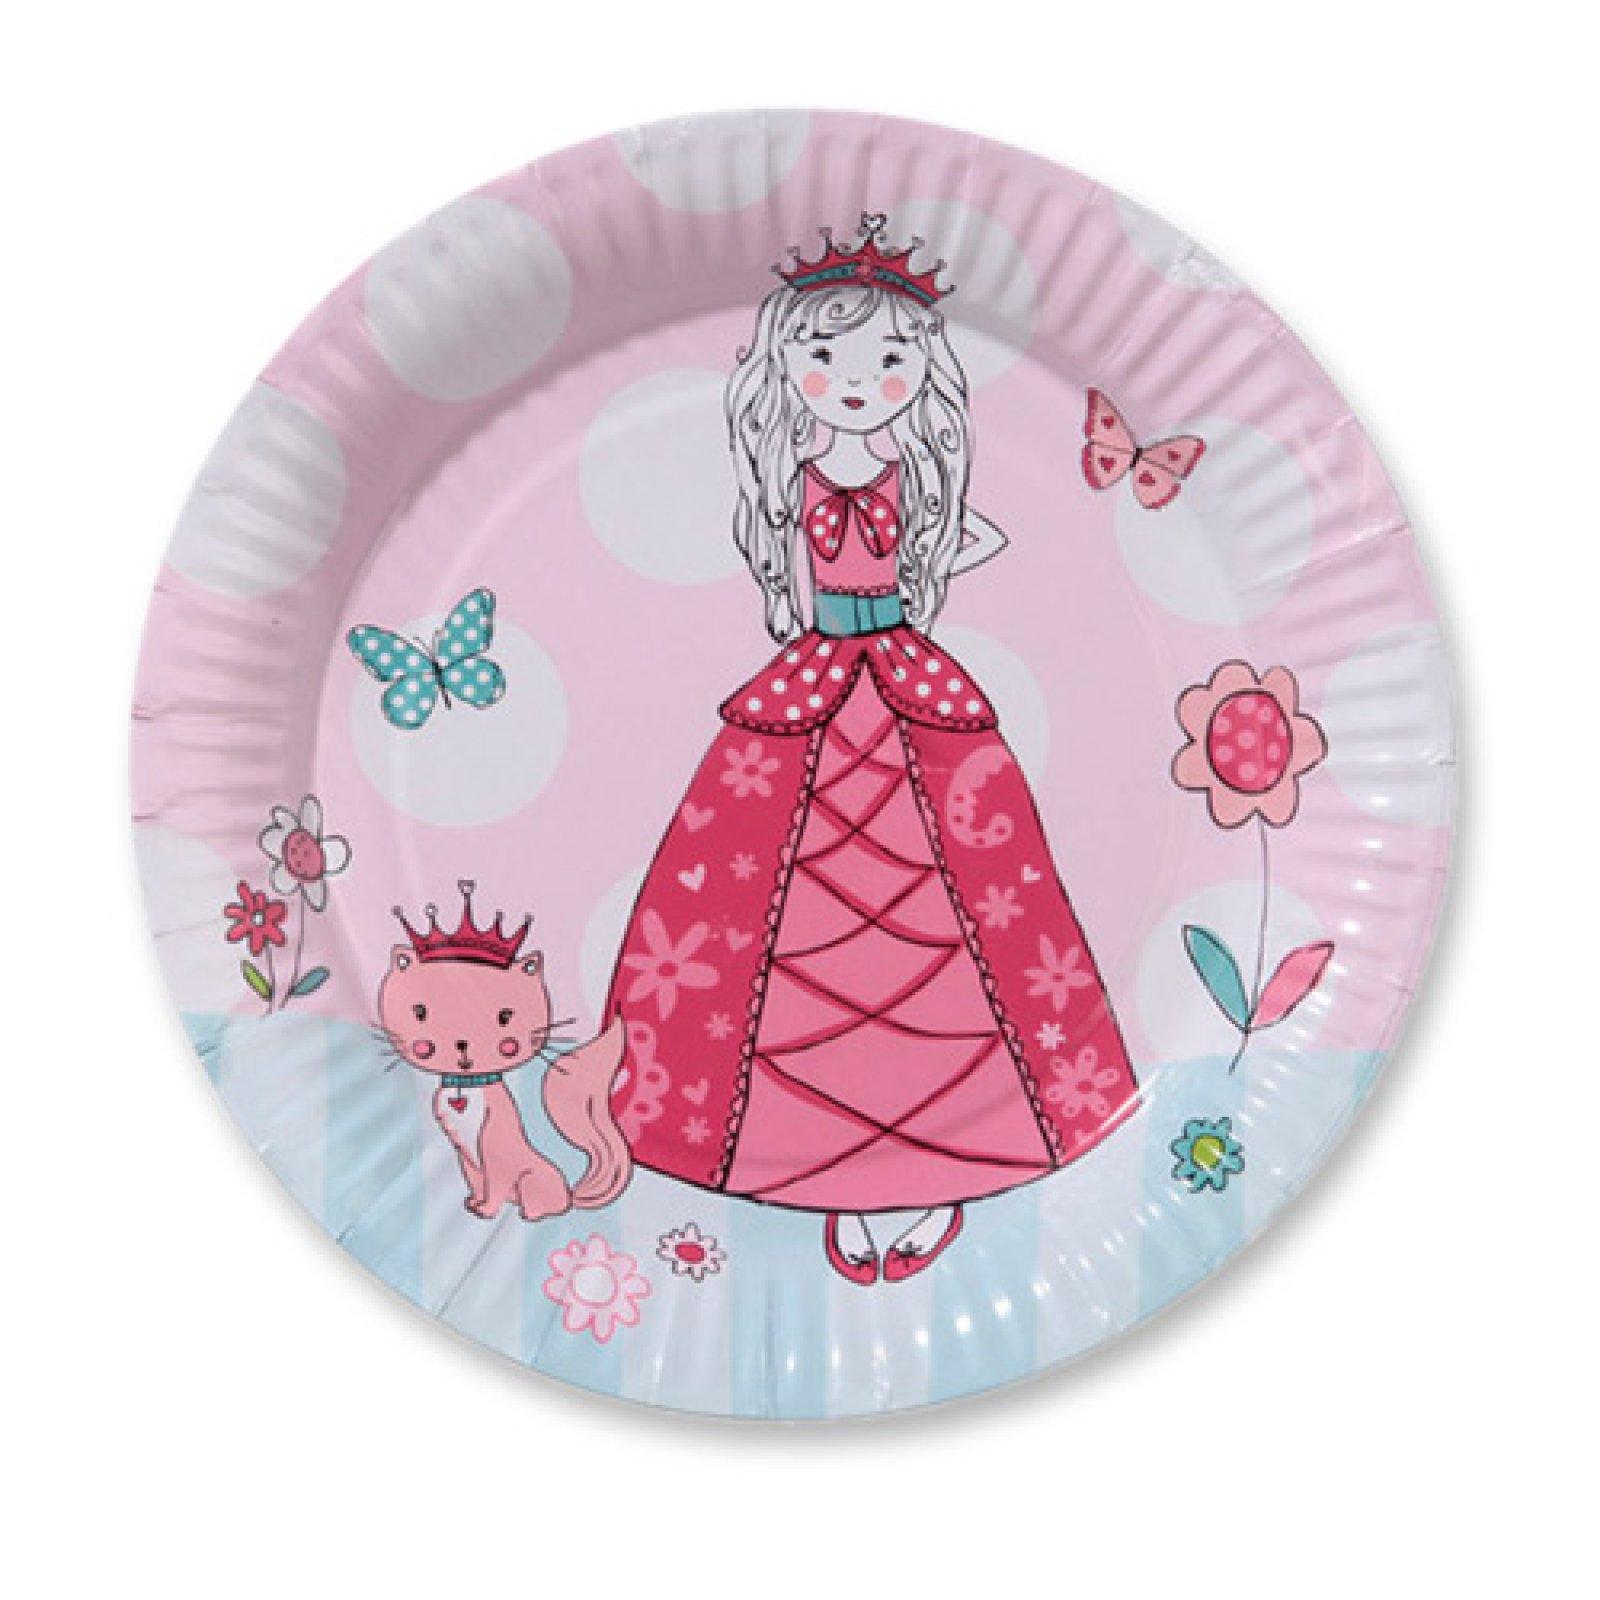 Prinzessin Pappteller In Rosa Weiss Der Ideen